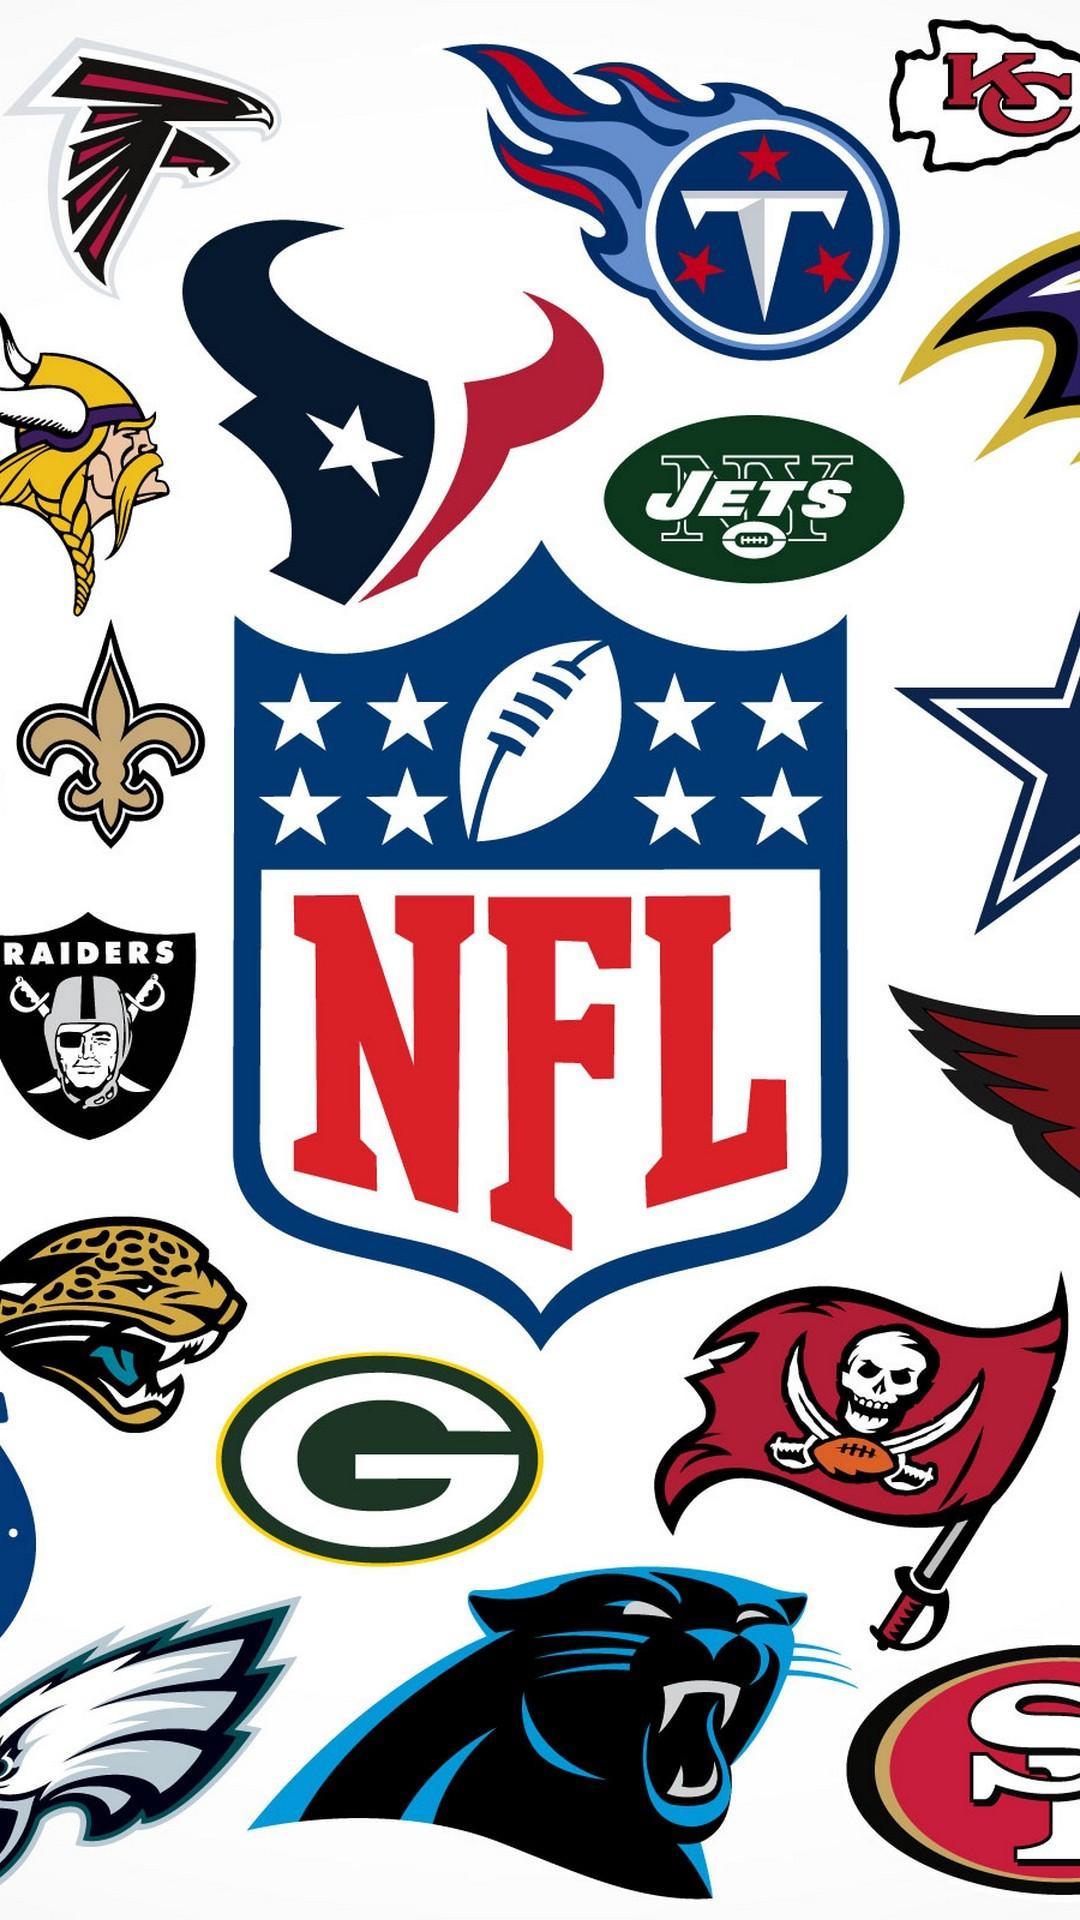 Res: 1080x1920, NFL iPhone X Wallpaper